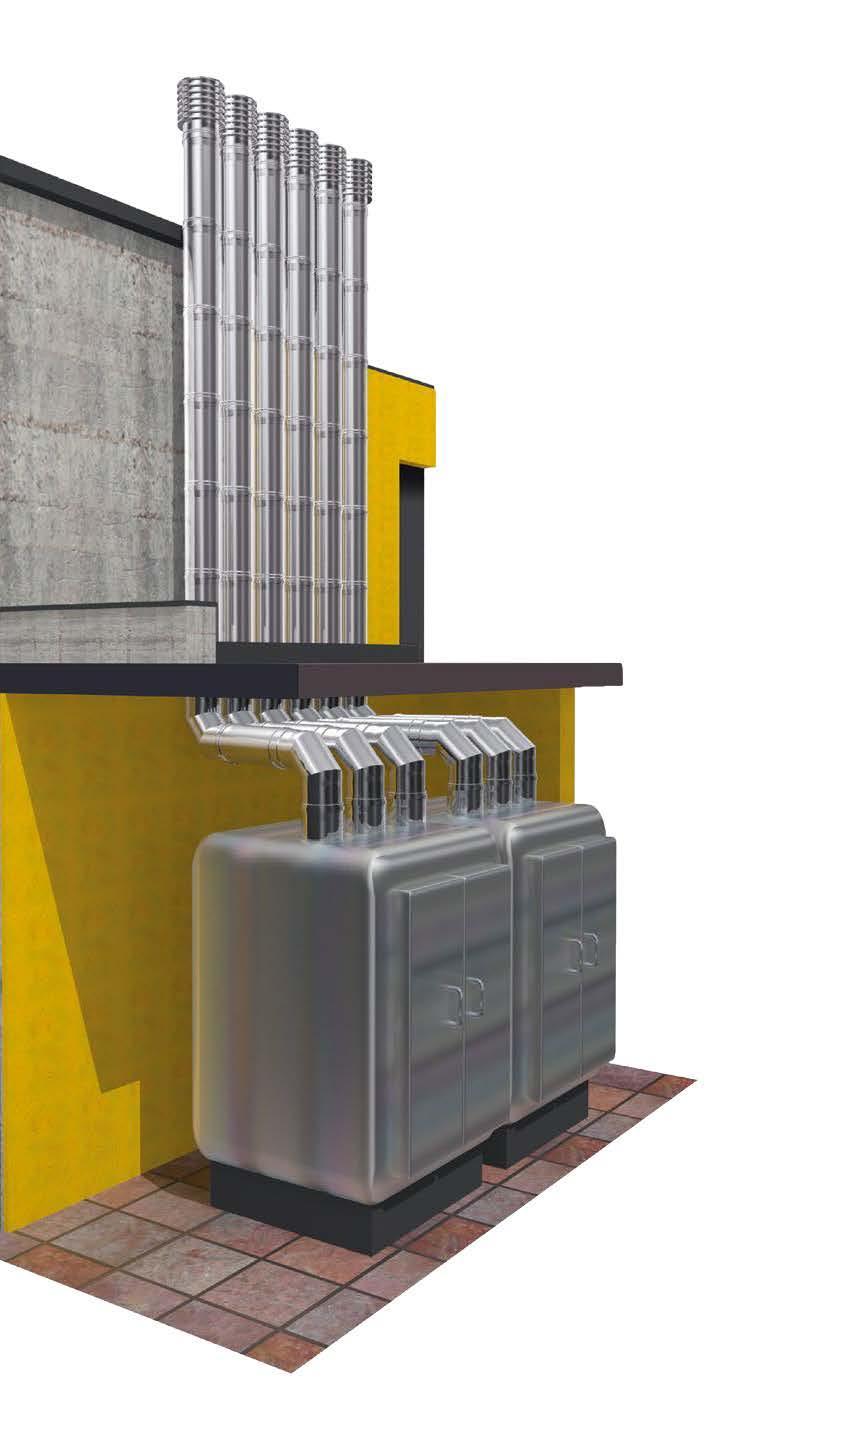 Canna fumaria Drive usata per evacuare i fumi di forni di cottura pane